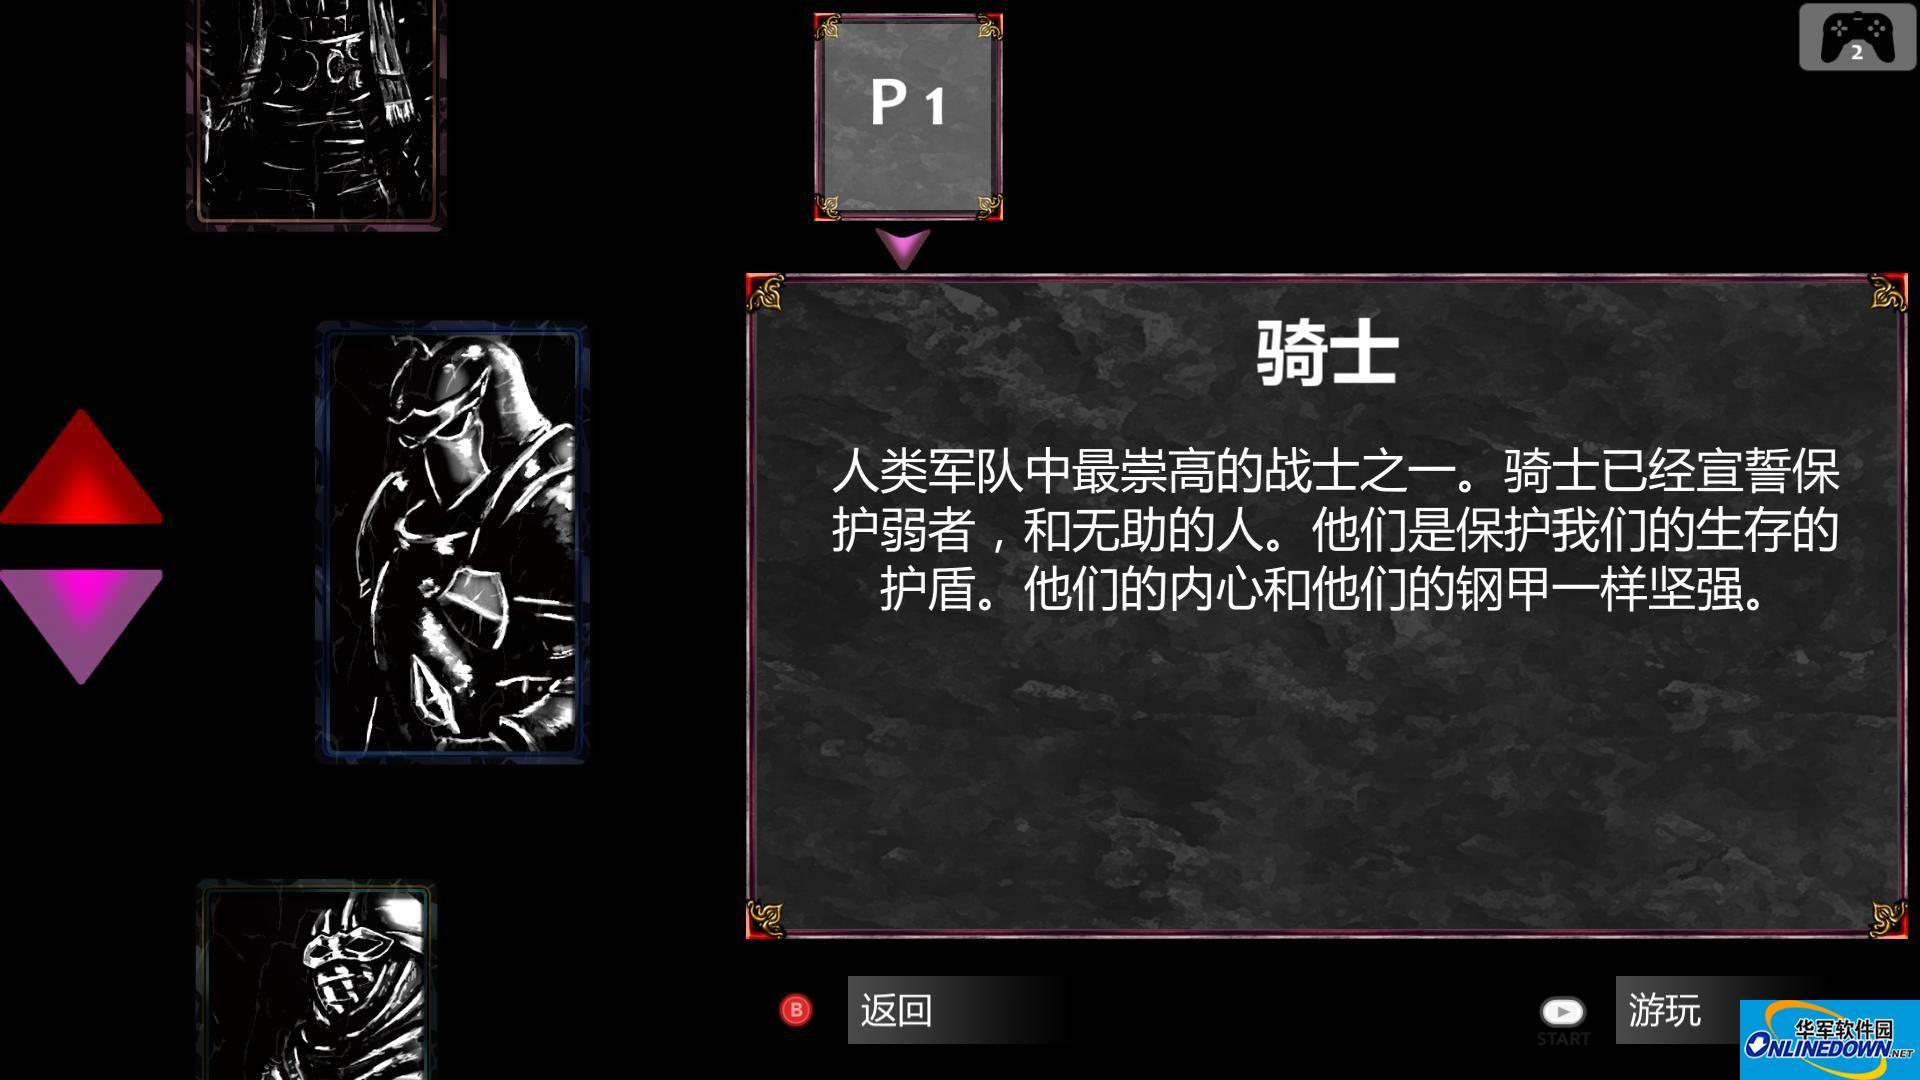 勇士之怒邪恶挑战汉化版补丁